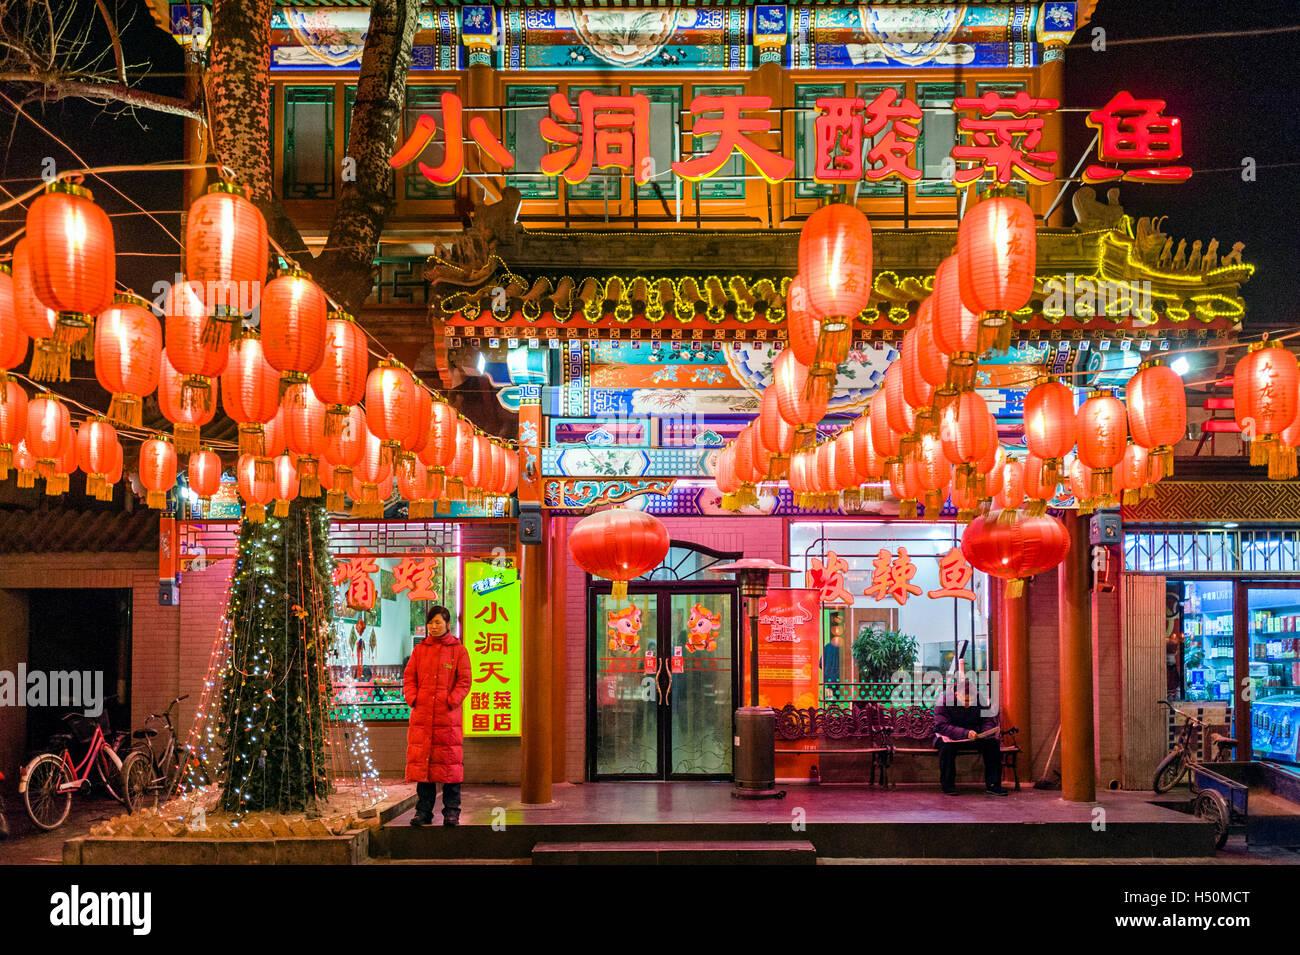 Nachtansicht des chinesischen Restaurant dekoriert mit roten Laternen in Peking China Stockbild